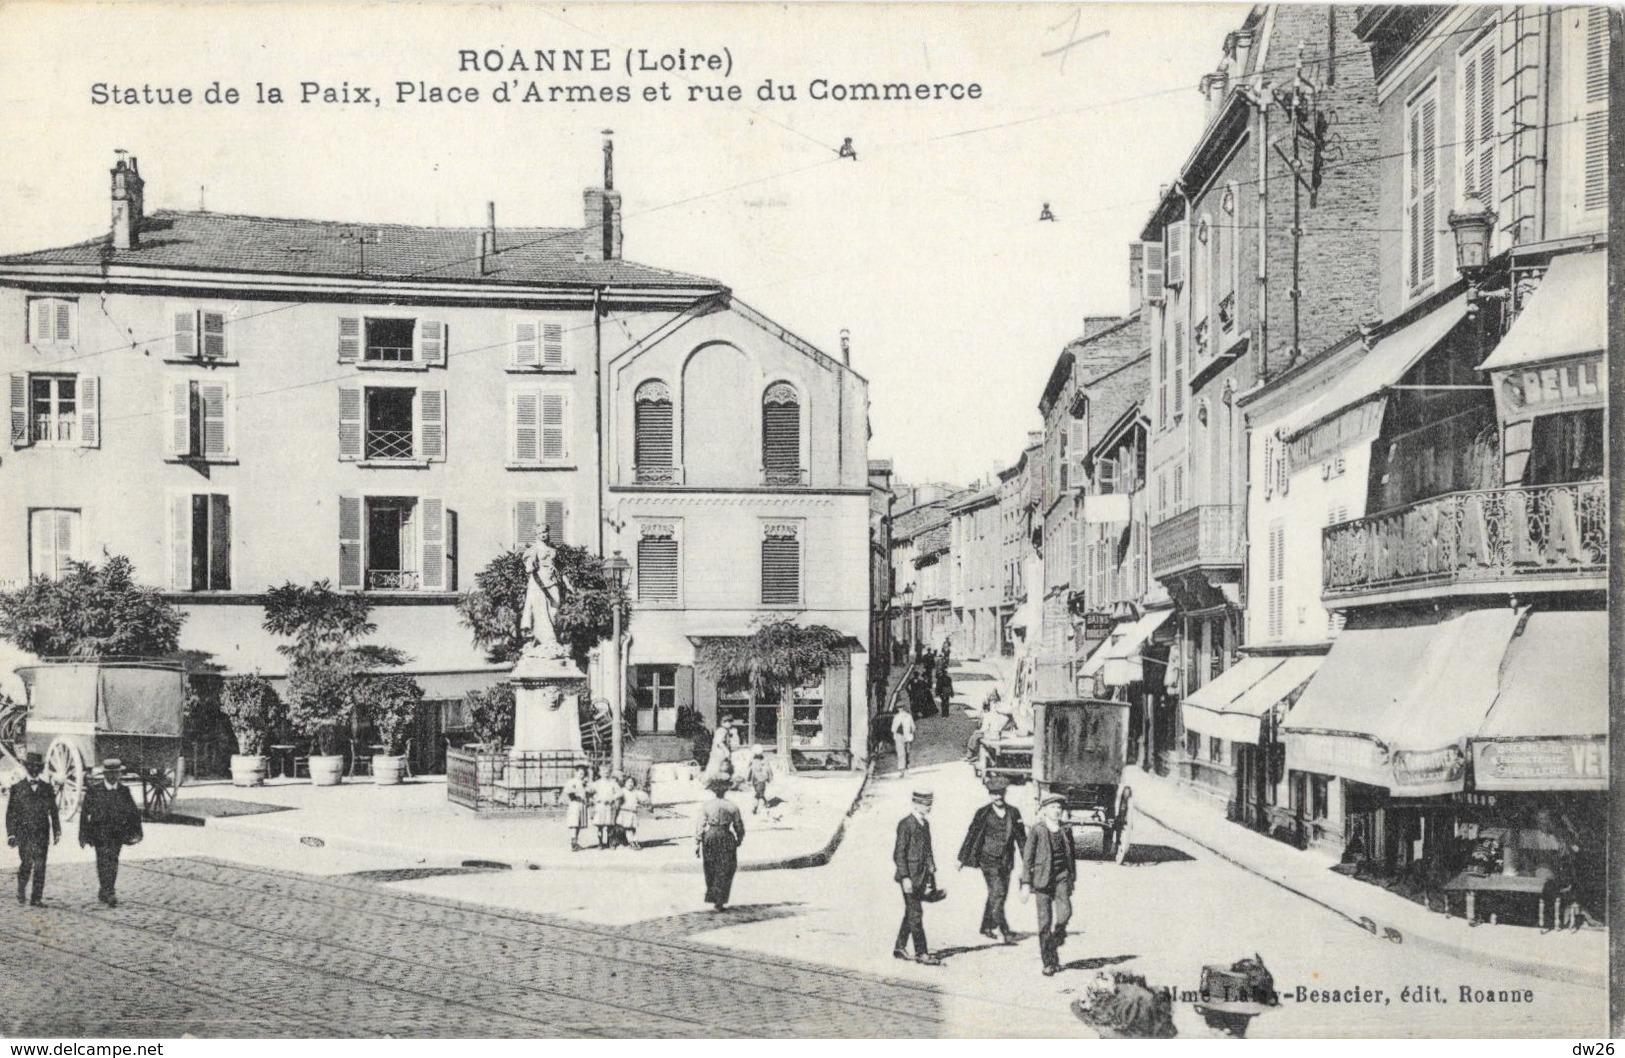 Roanne - Statue De La Paix, Place D'Armes Et Rue Du Commerce - Edition Mme Lafay-Bescacier - Roanne